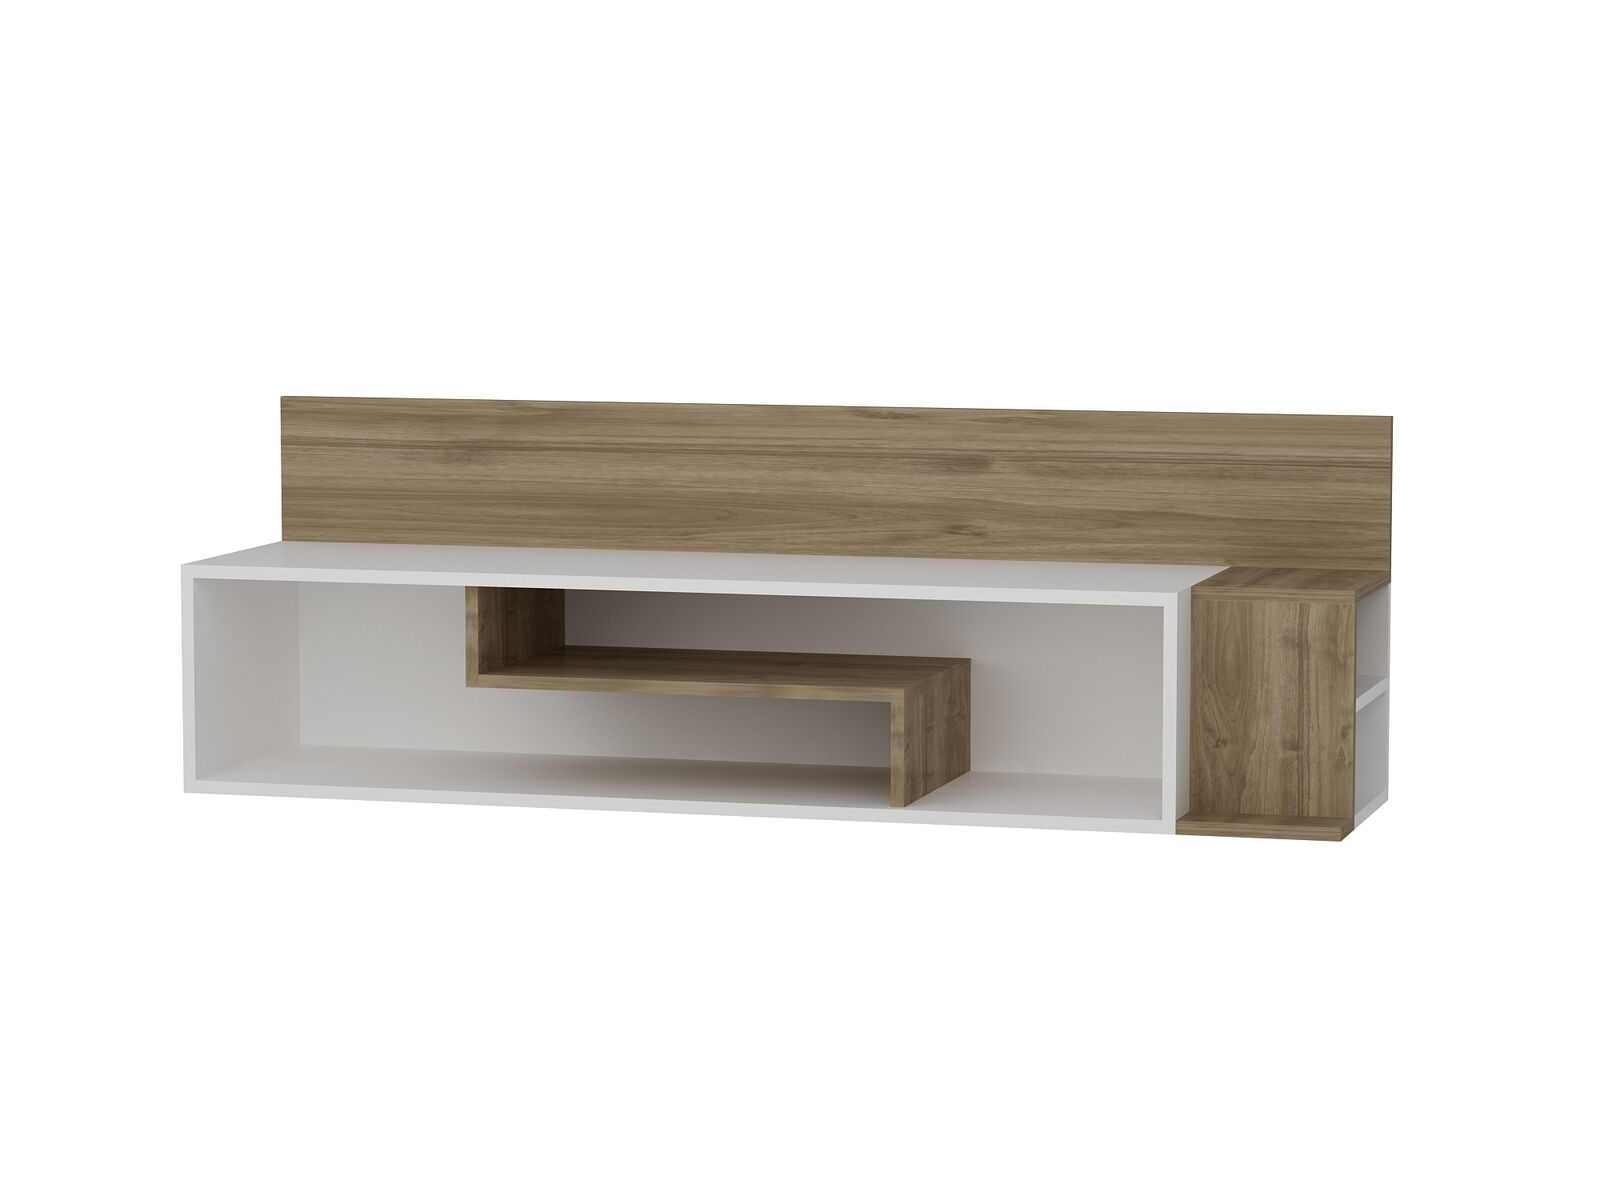 Wohnwand Weiss Tv Lowboard Holz Wohnzimmerschrank Modern Sideboard